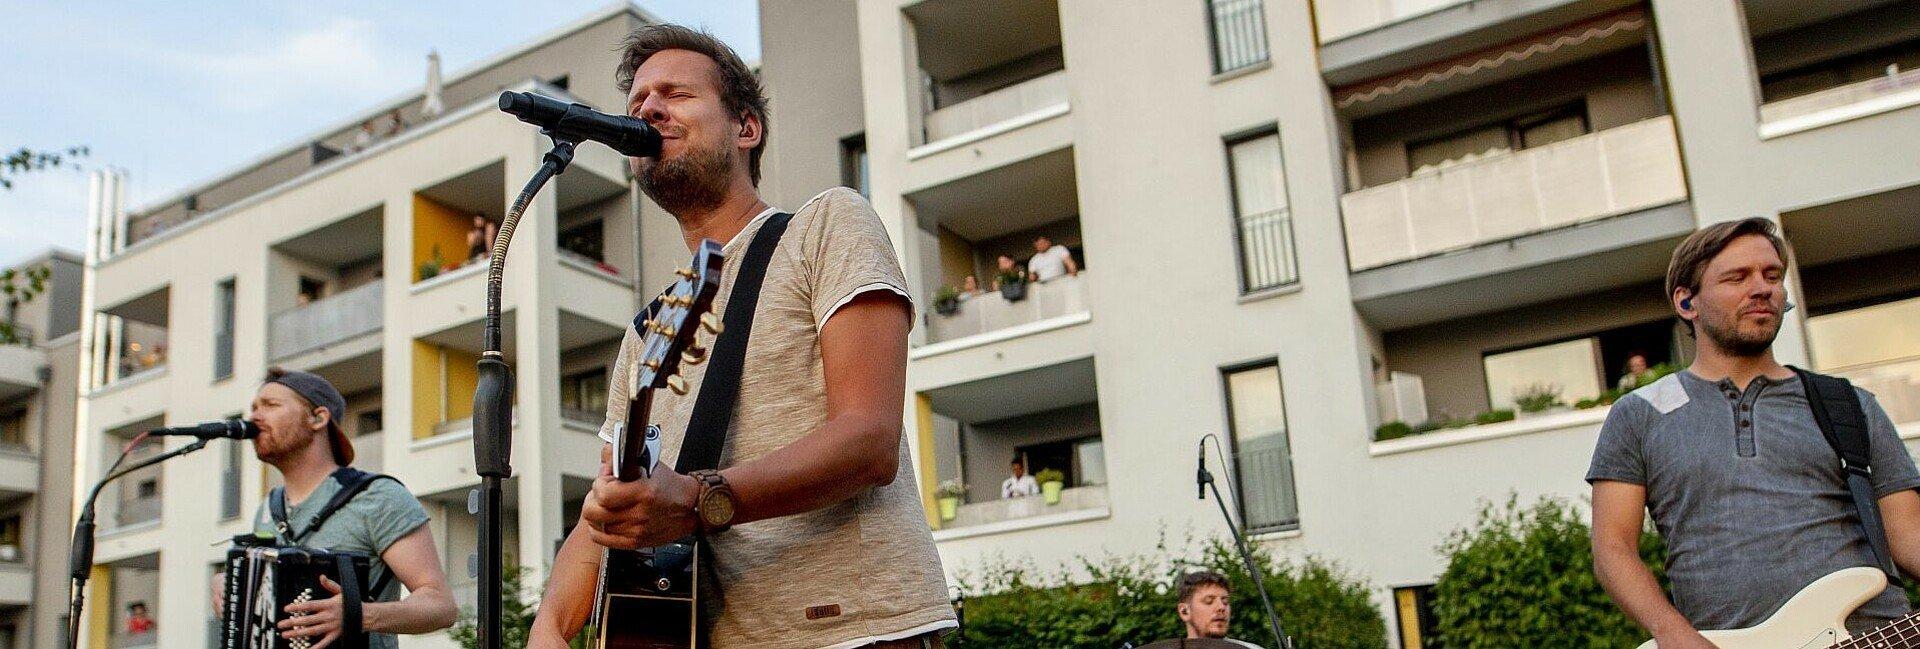 Euer Song für Köln Gewinner 2013